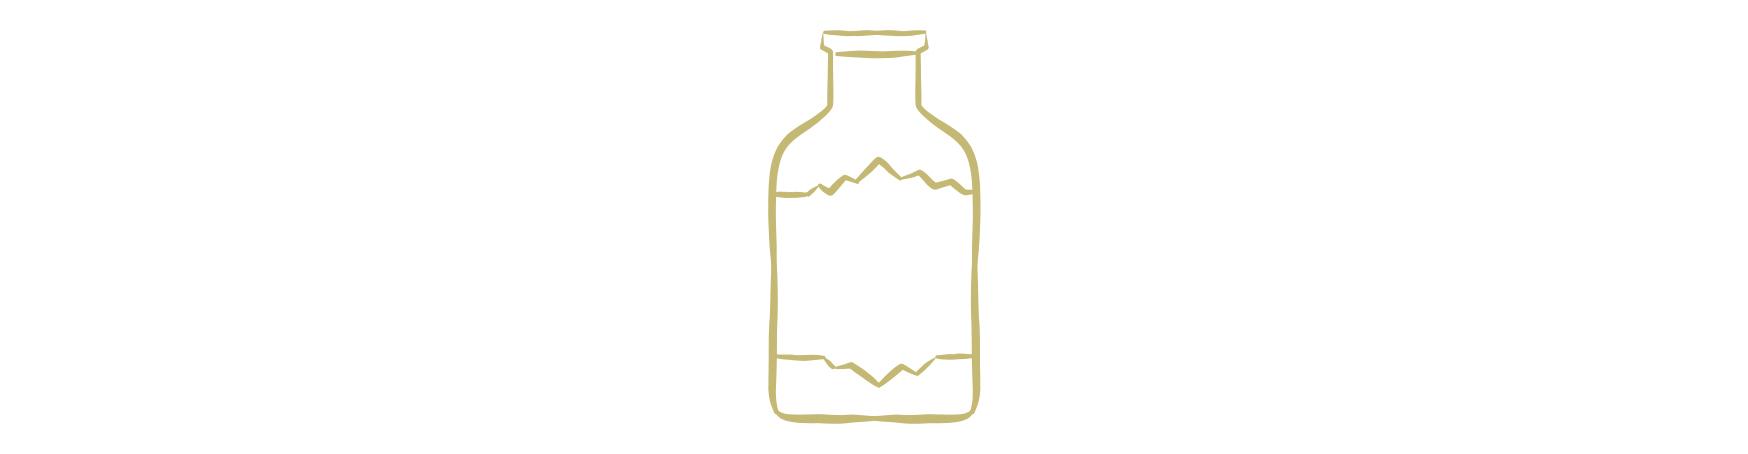 bouteille copie.jpg